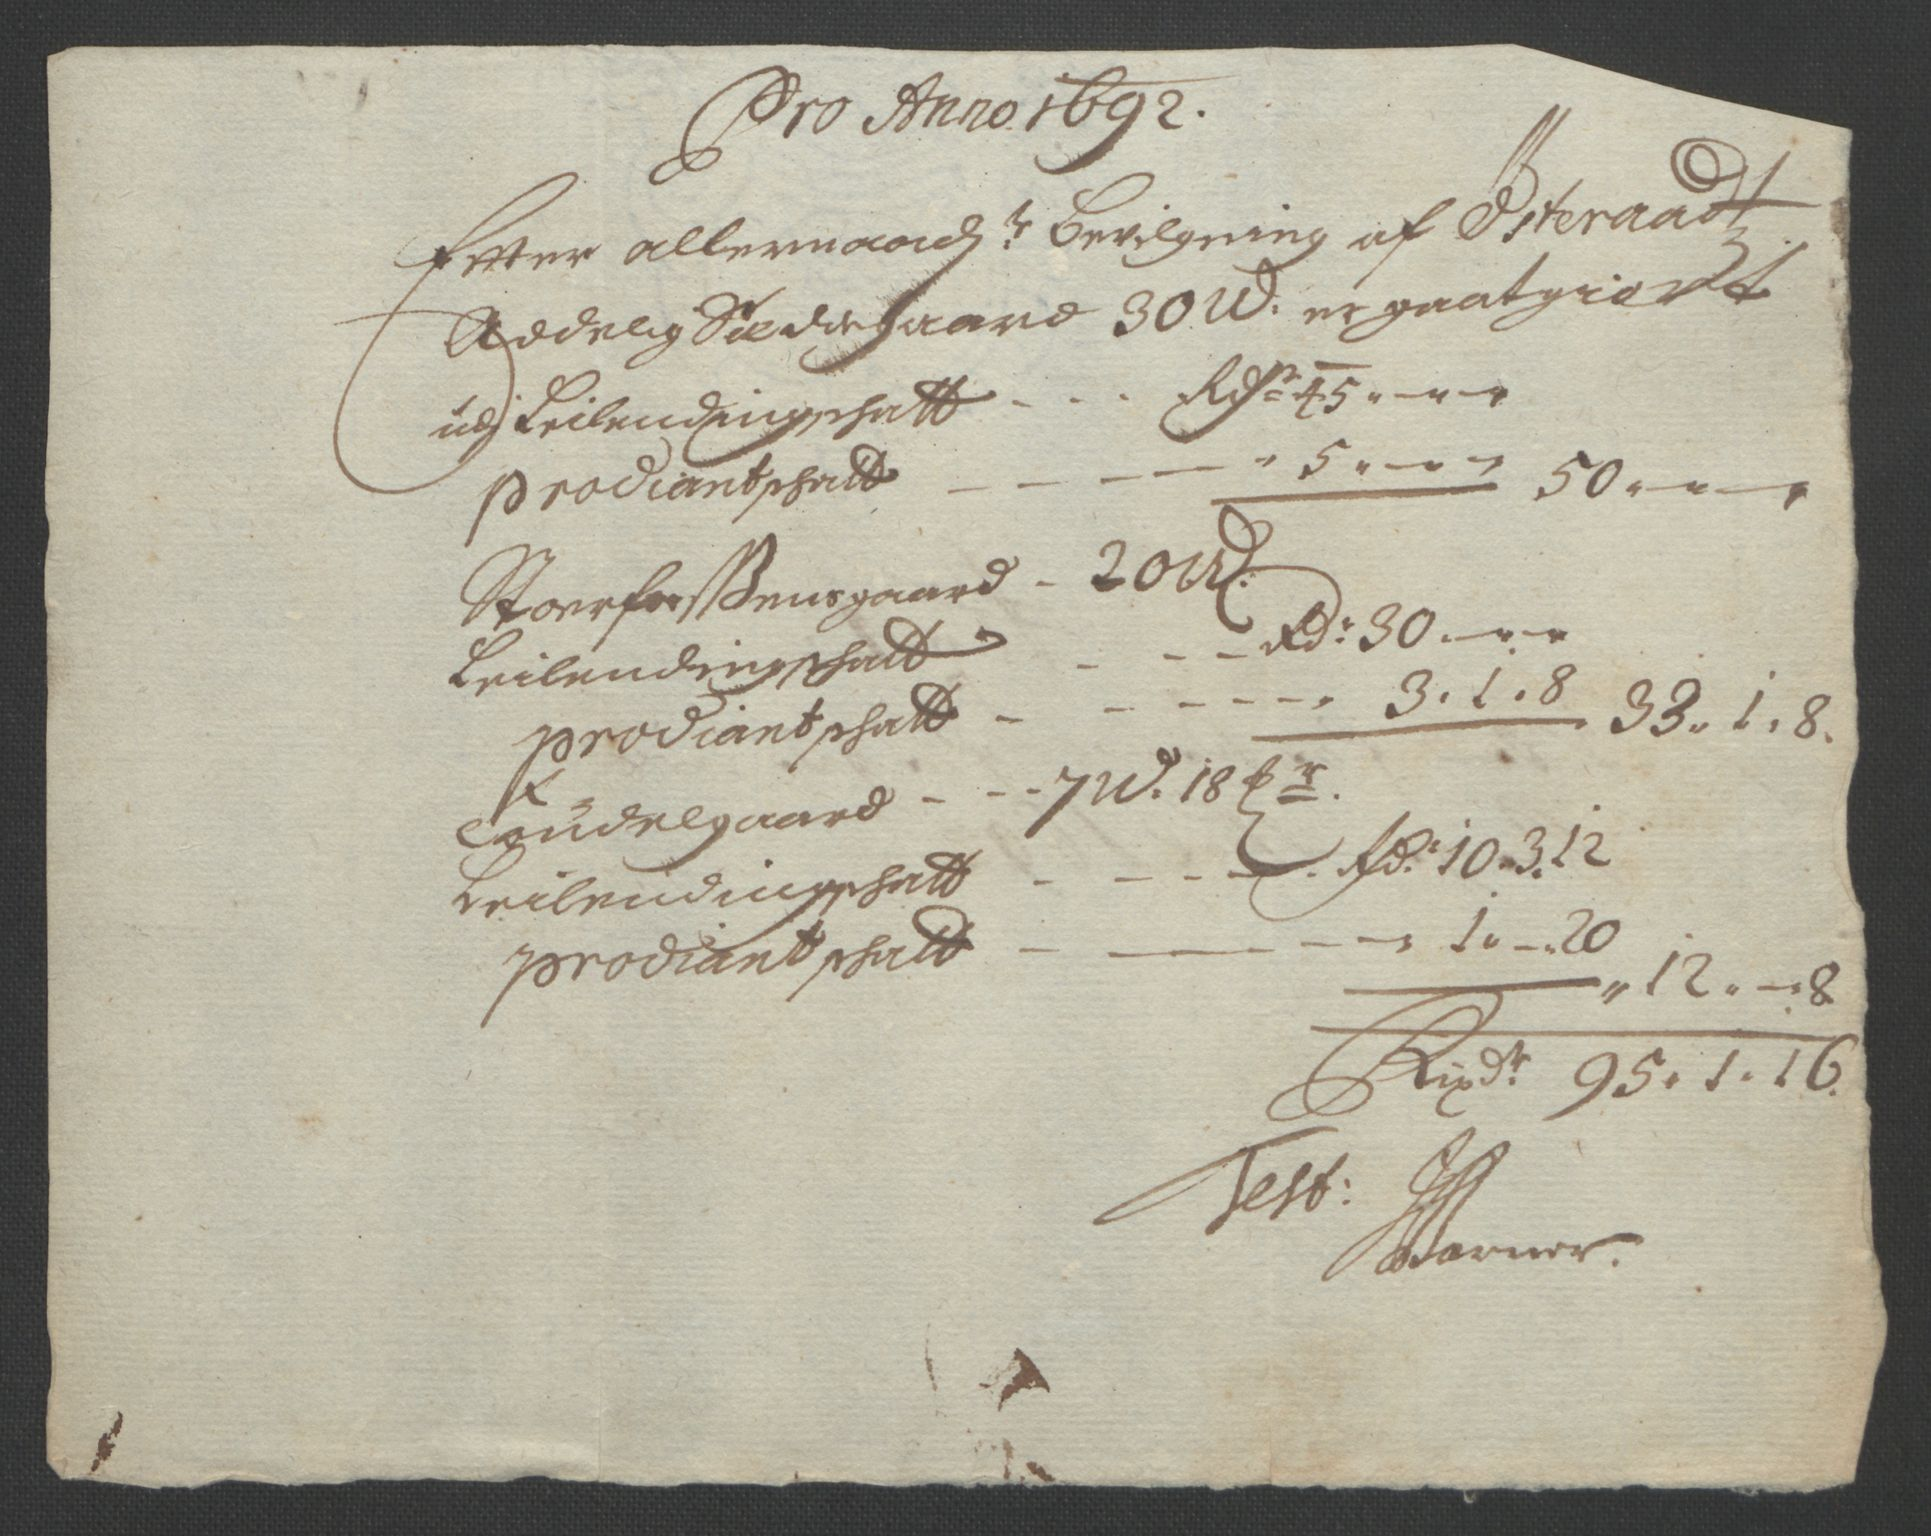 RA, Rentekammeret inntil 1814, Reviderte regnskaper, Fogderegnskap, R57/L3849: Fogderegnskap Fosen, 1692-1693, s. 254